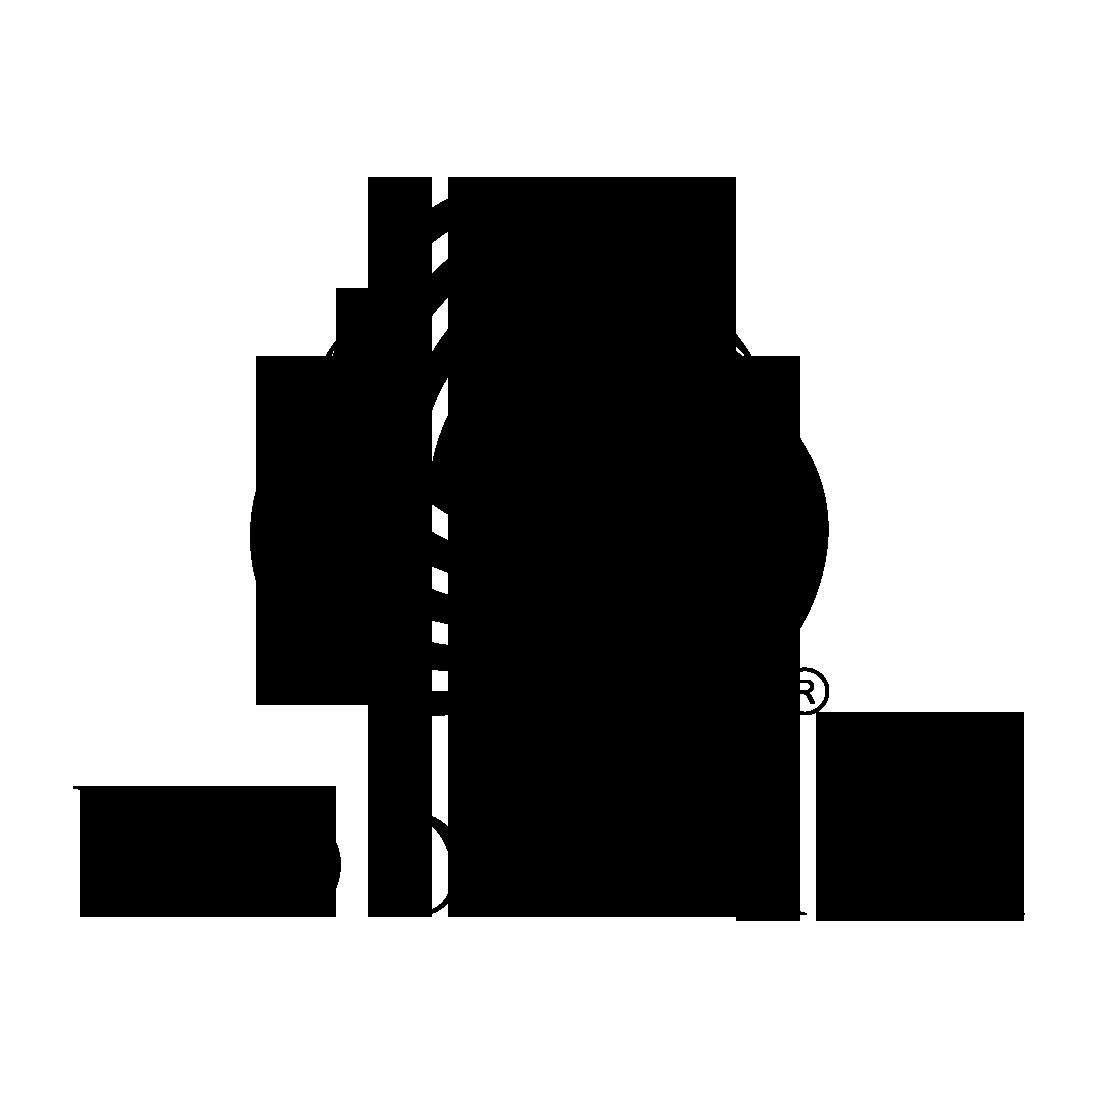 Spezialschuhe Wolle TEX Braun Größe 27-28, 28 - 5